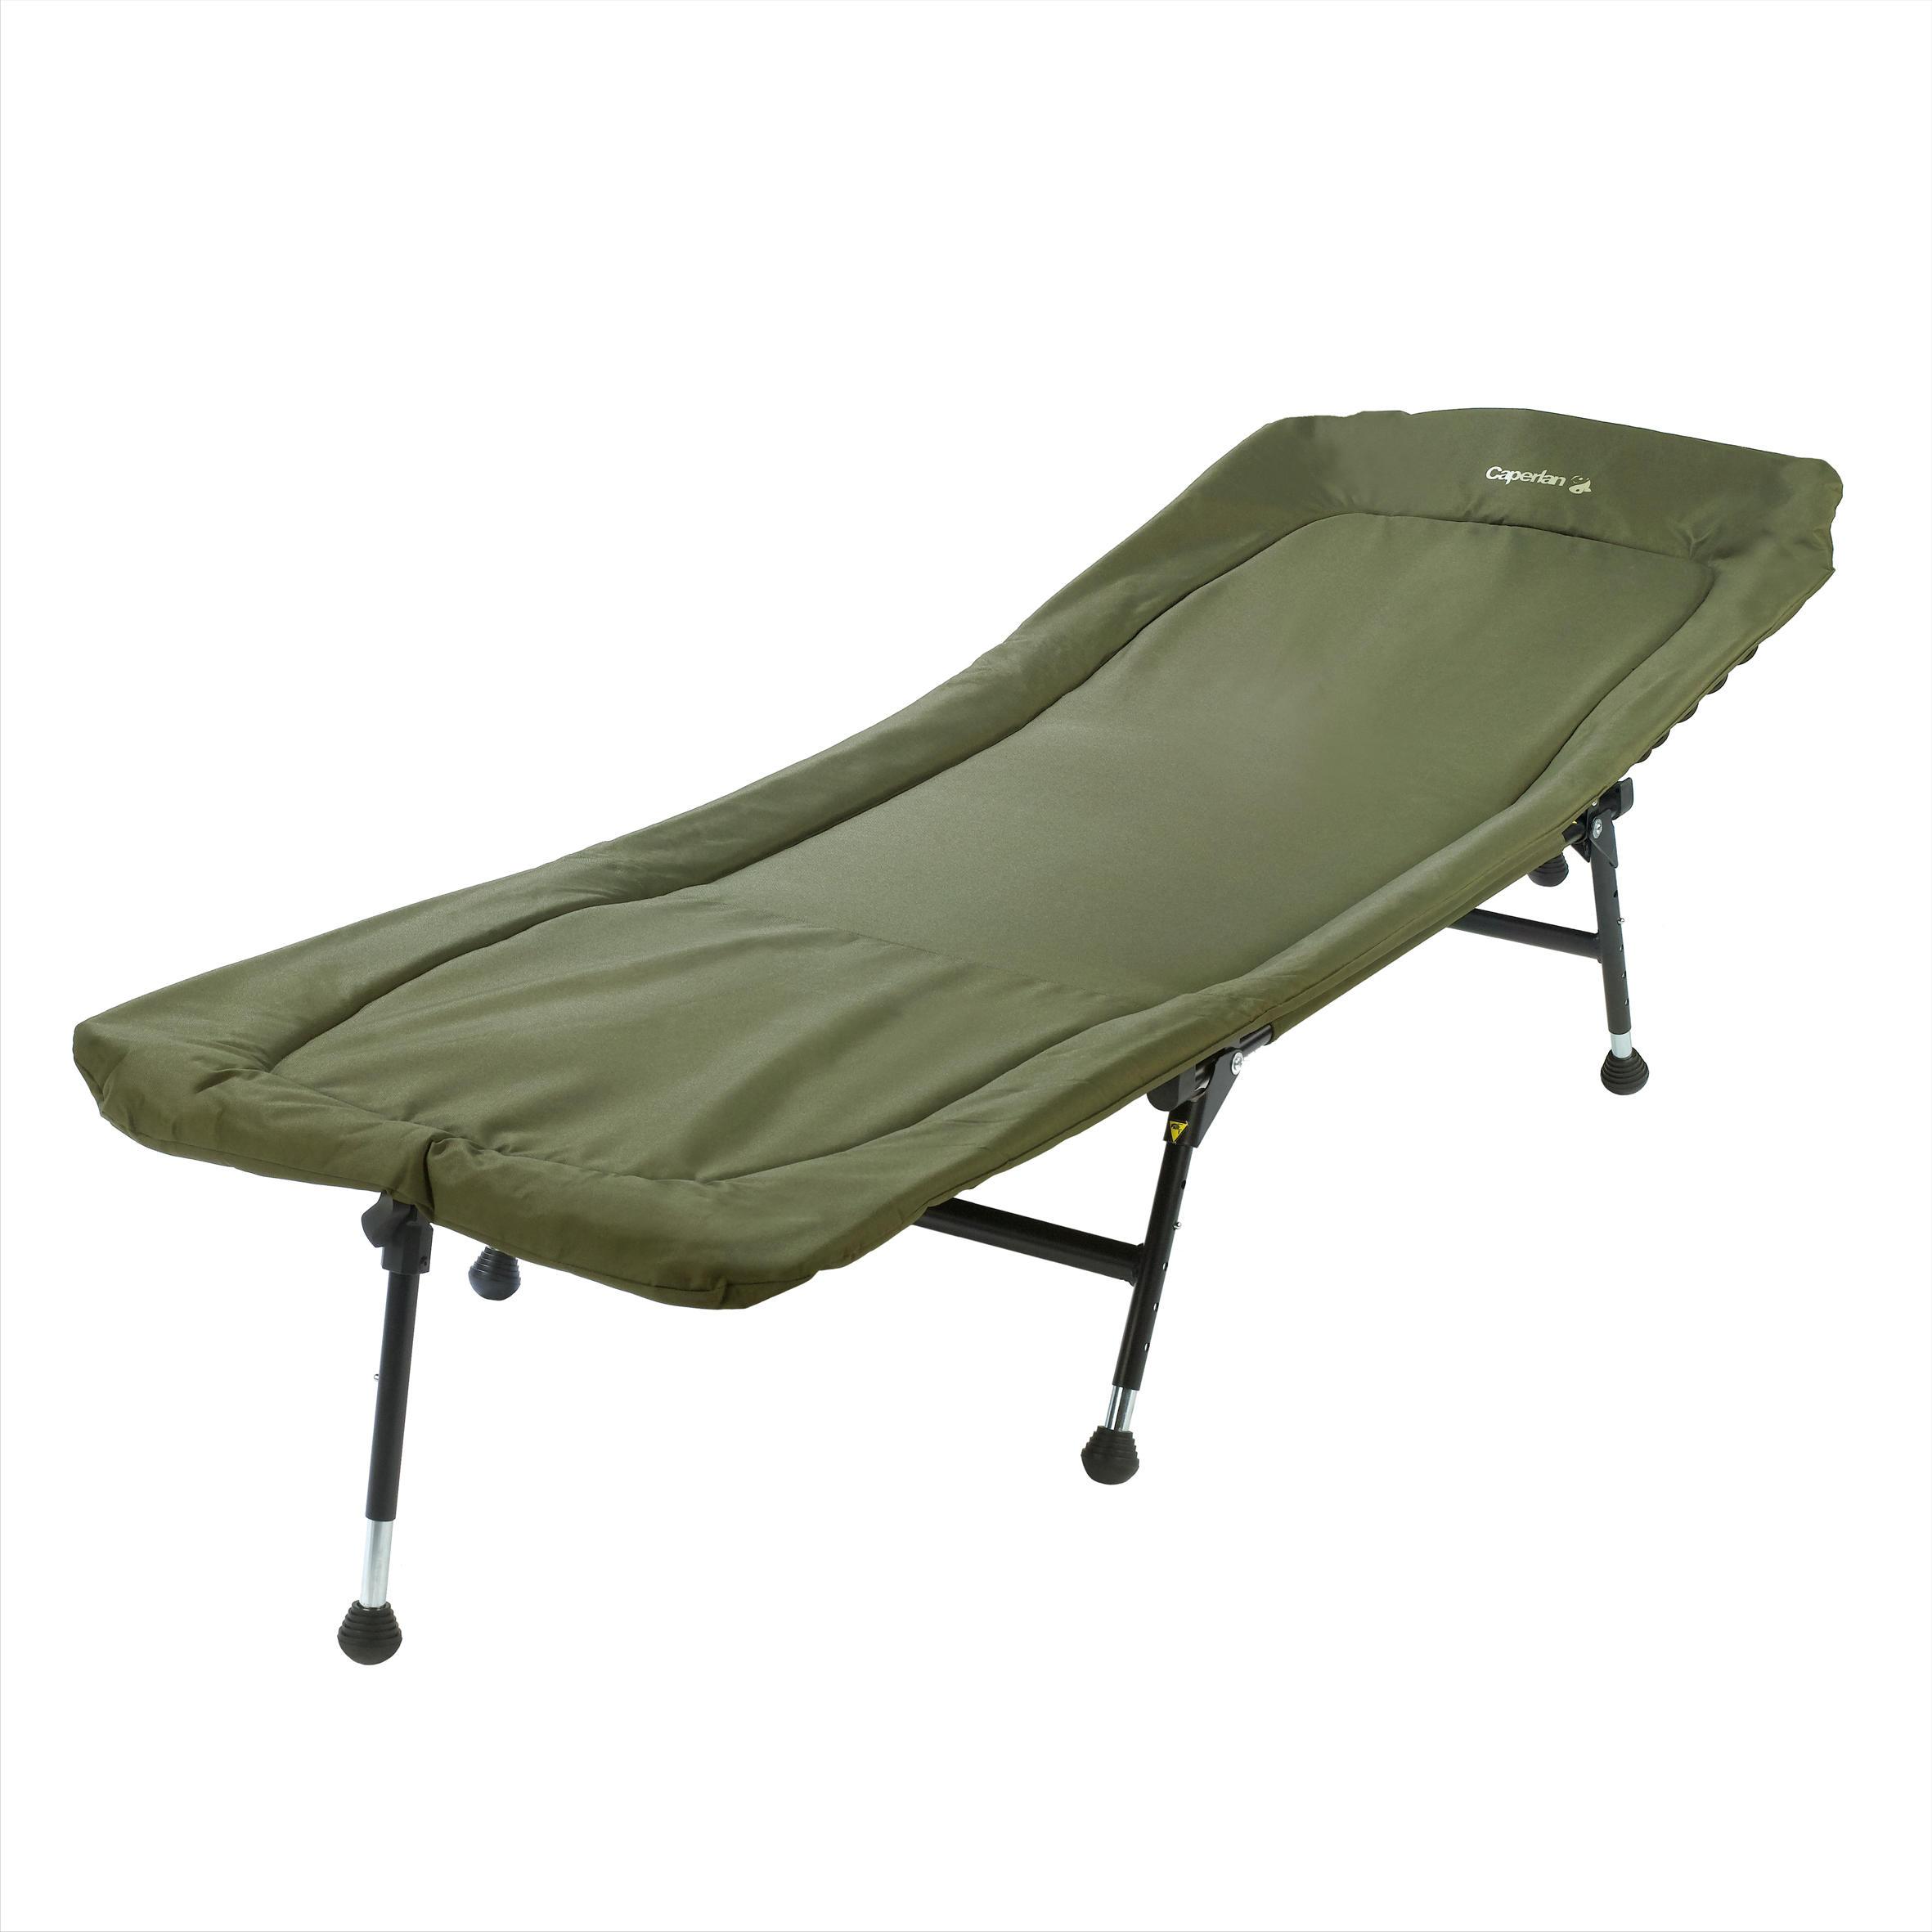 CARP BED carp fishing camp bed